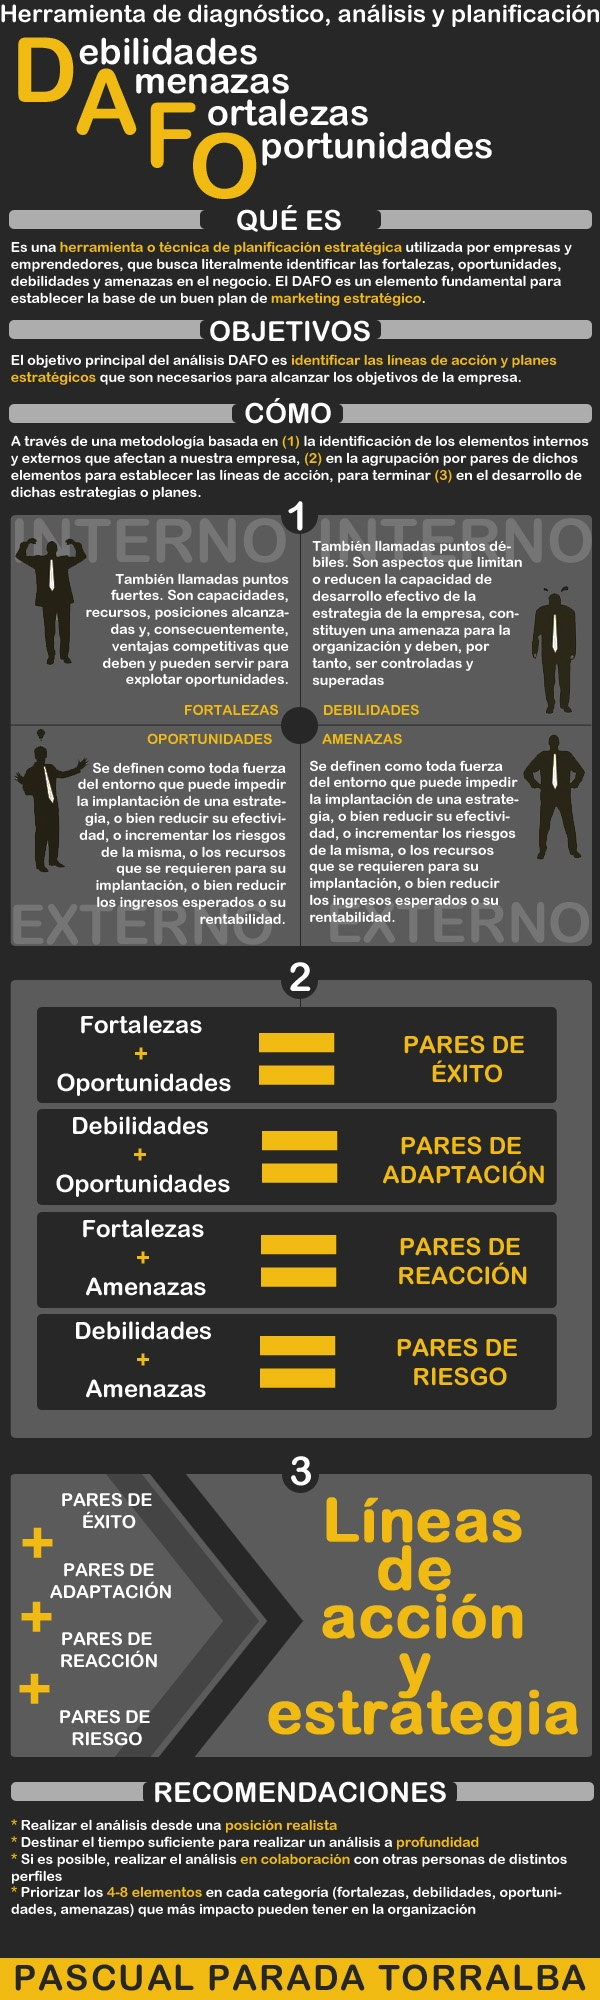 #Infografia sobre el #dafo, herramienta de análisis, diagnóstico y planificación estratégica para #emprendedores #estrategia #marketing